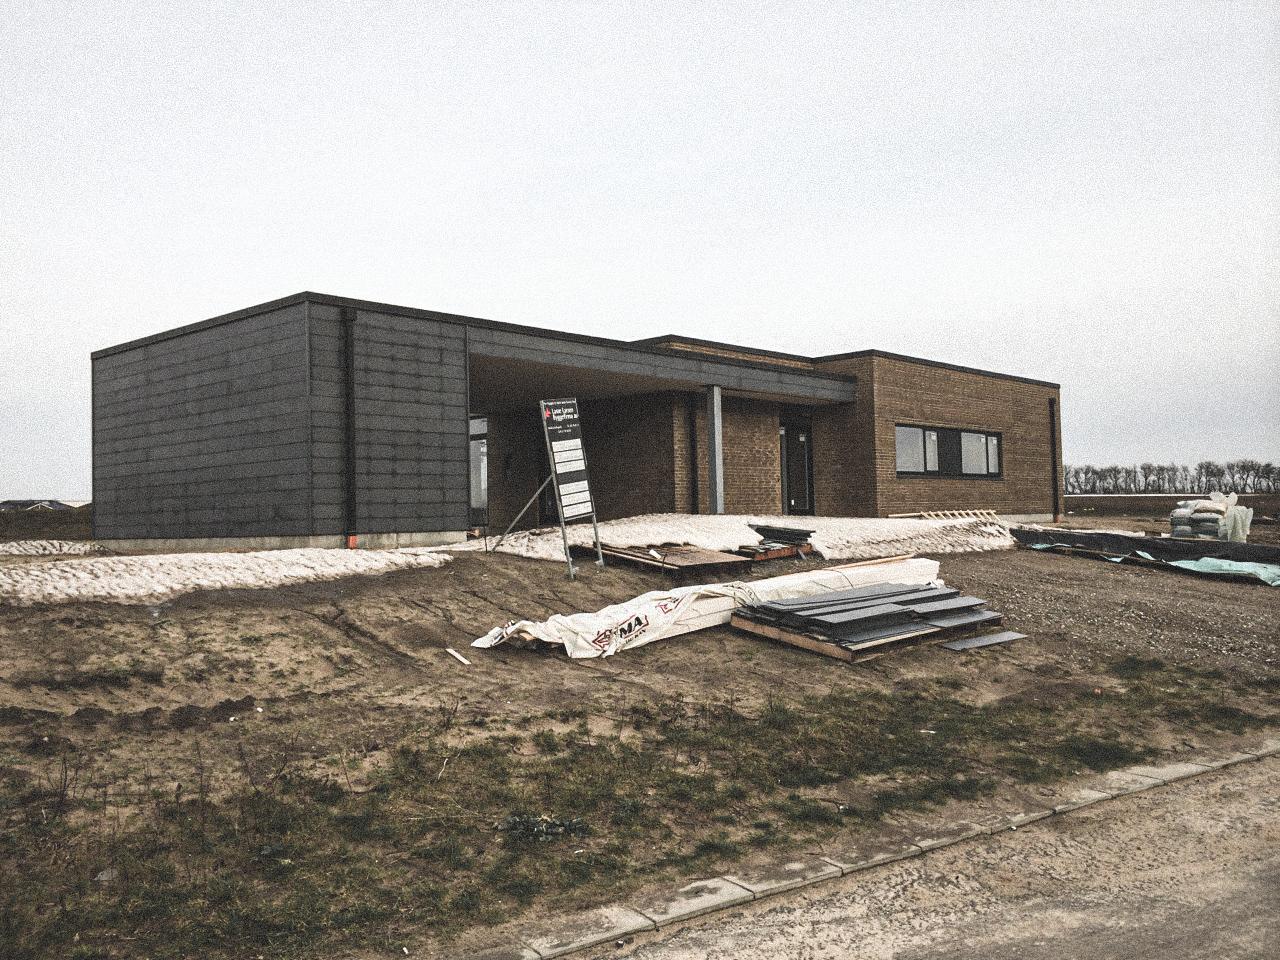 Billede af et igangværende byggeri i Hjallerup status, tegnet af arkitektfirmaet m2plus.